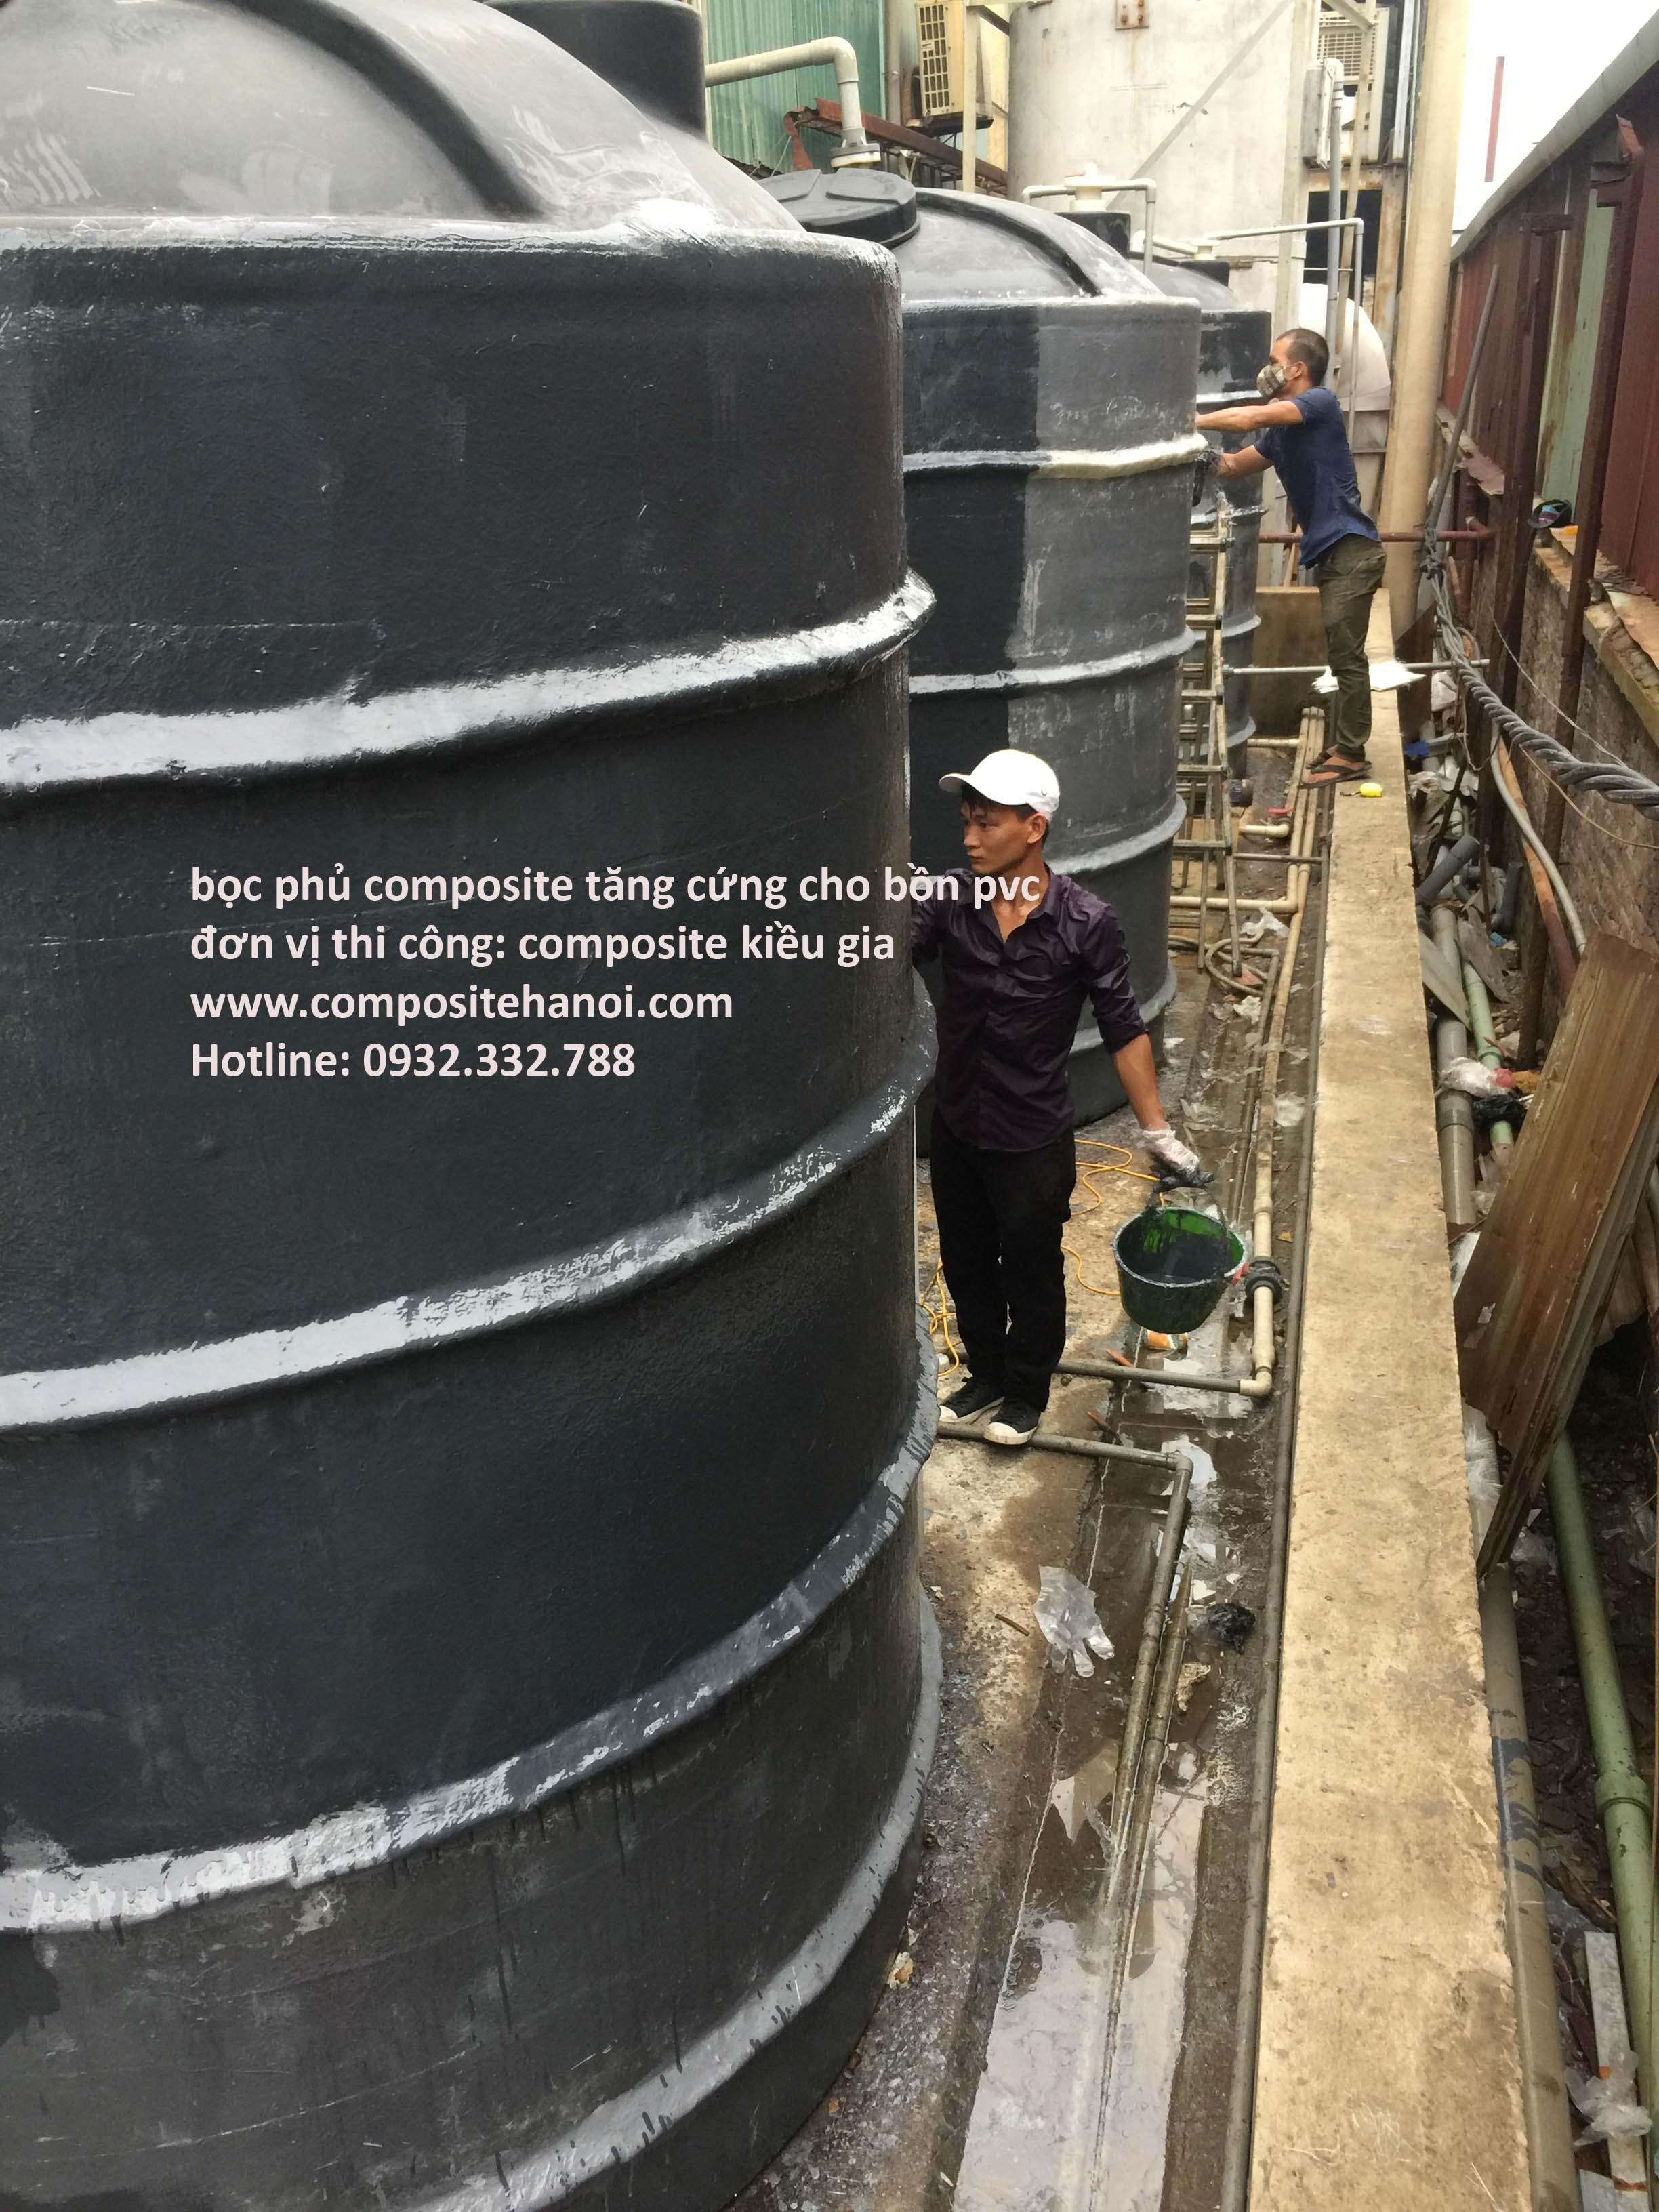 Bọc phủ composite tăng cứng cho bồn nhựa pvc- Bắc Ninh